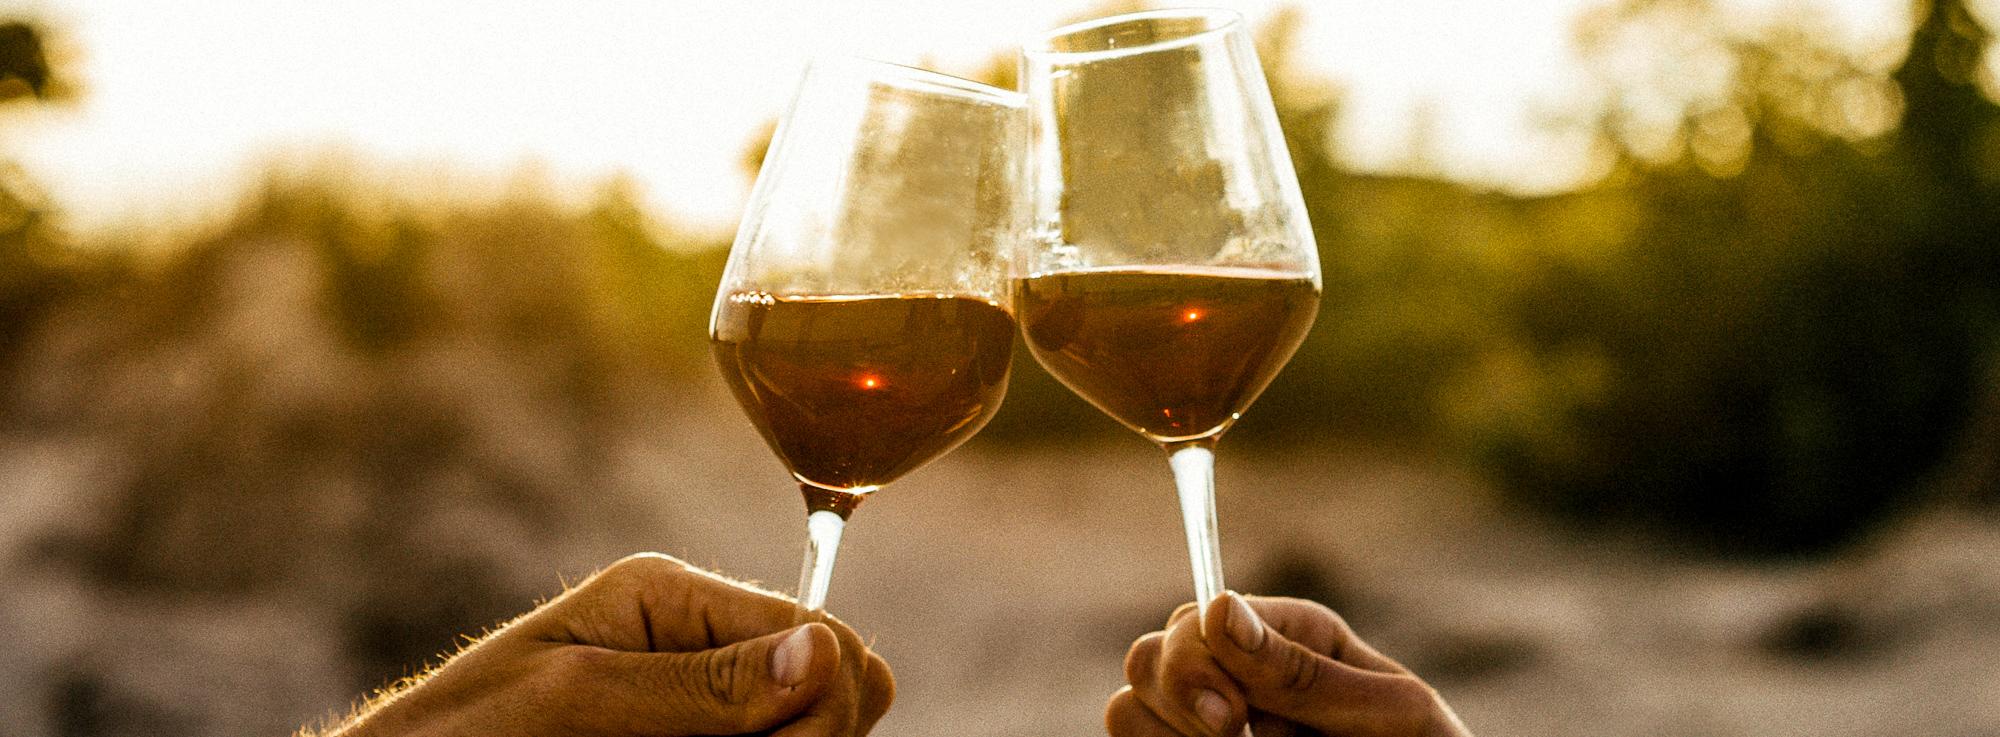 Les foires aux vins 2018, c'est maintenant !